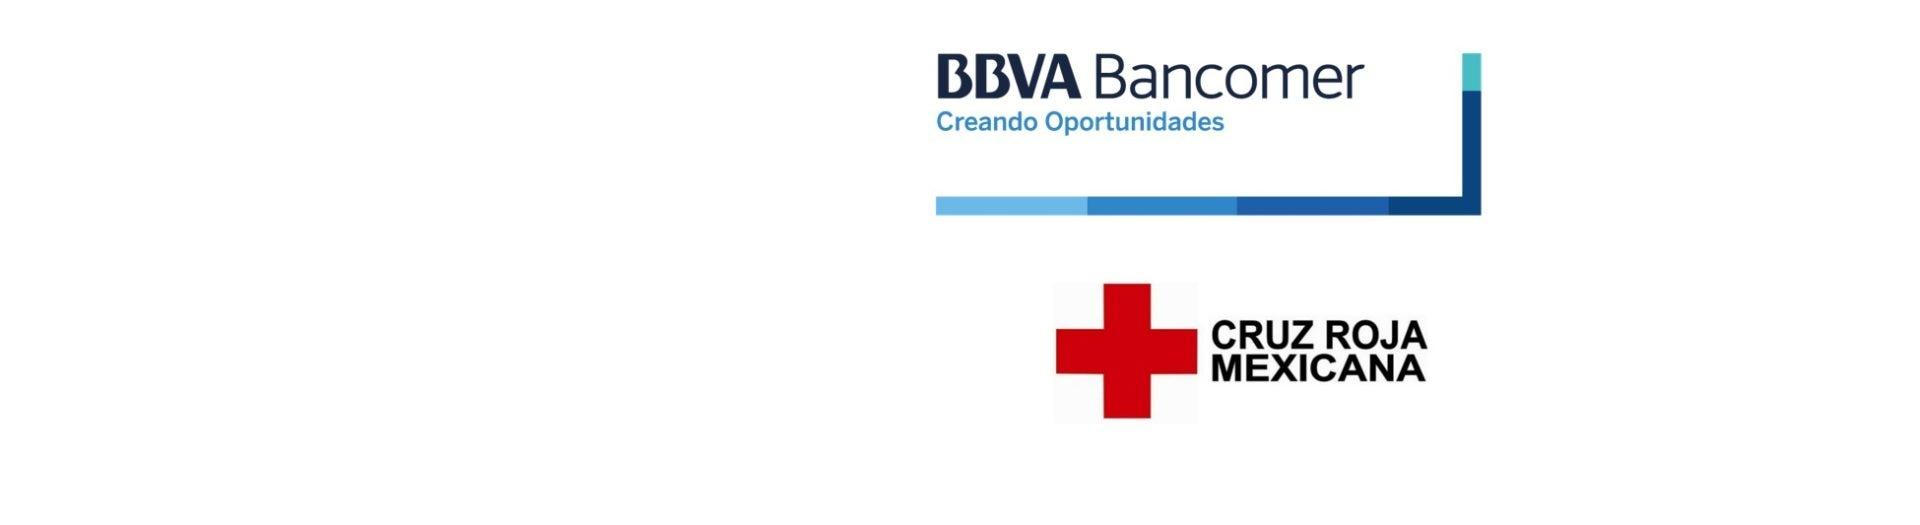 Cruz Roja Mexicana y Bancomer